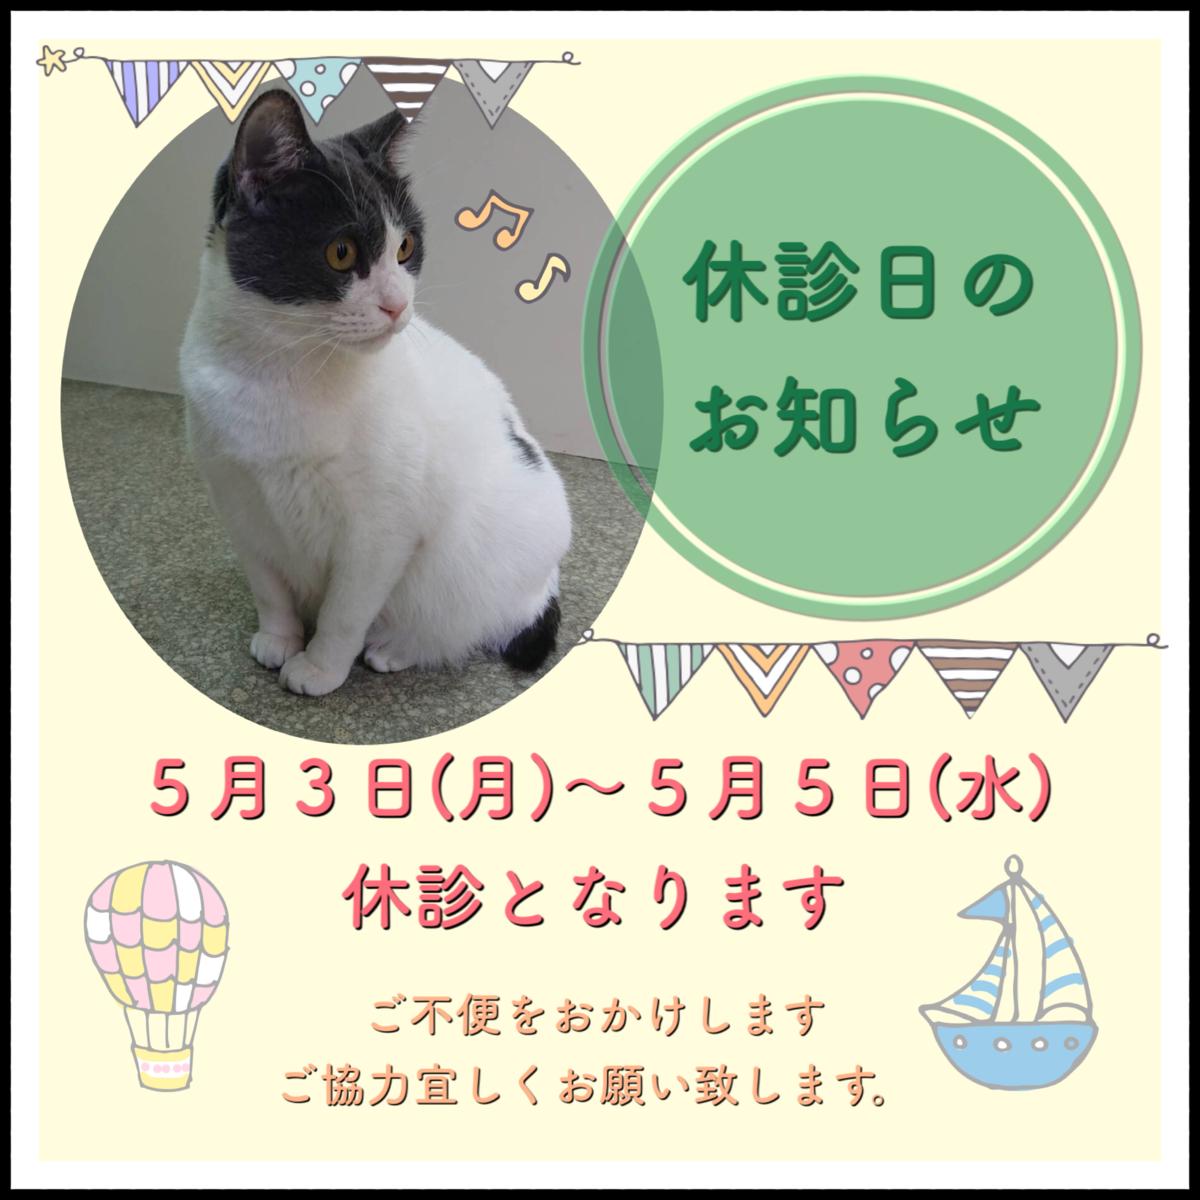 f:id:nozawa_clinic:20210422110454p:plain